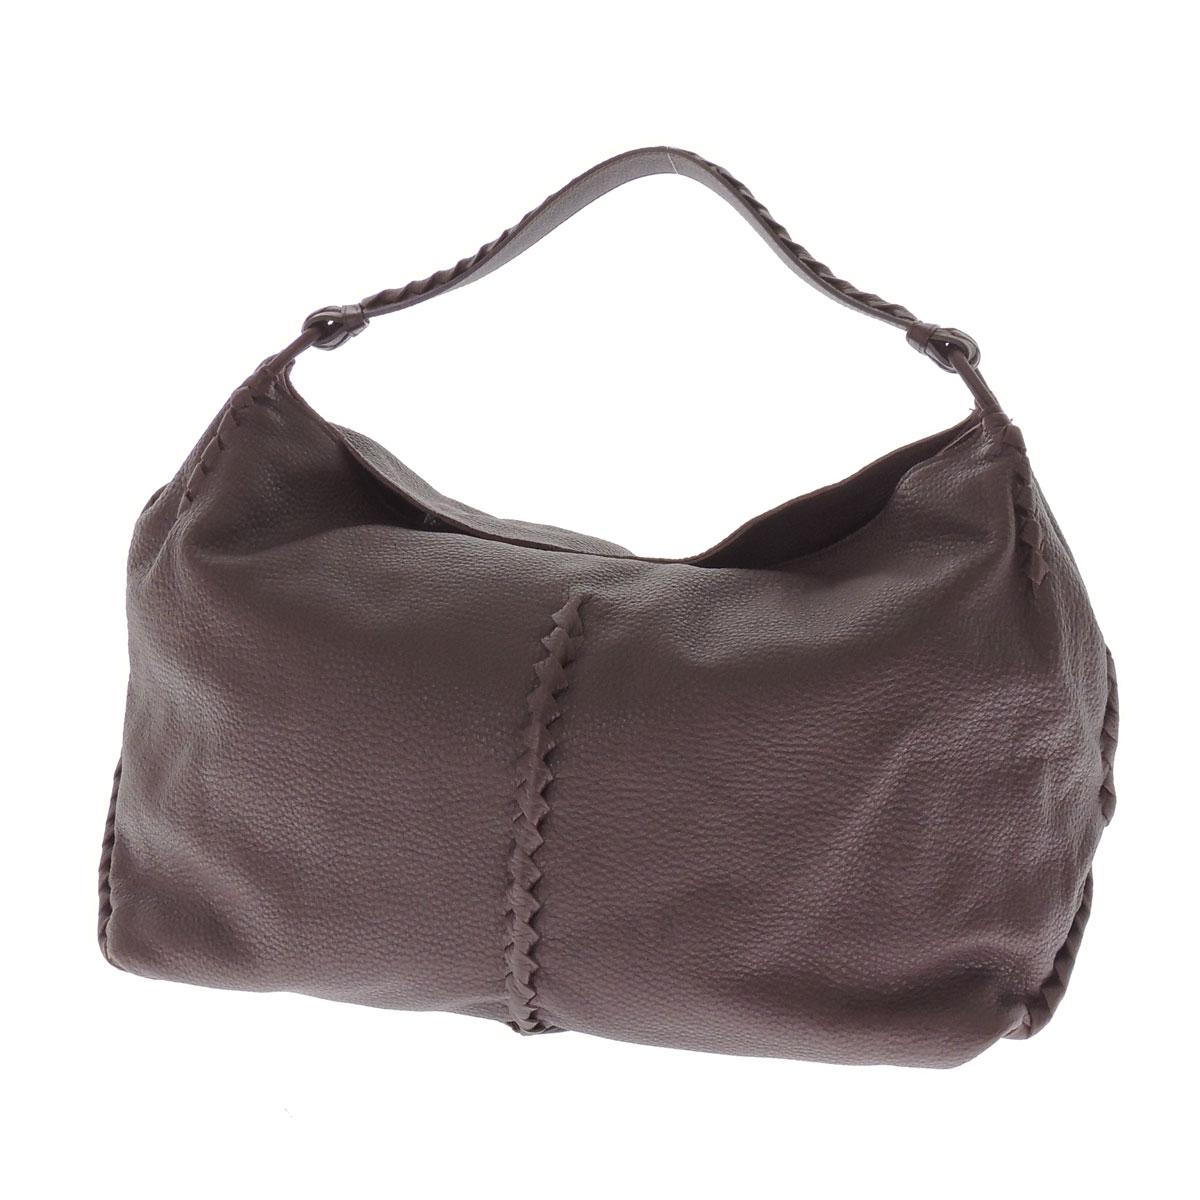 Intrecciato bag Leather Womens fs3gm